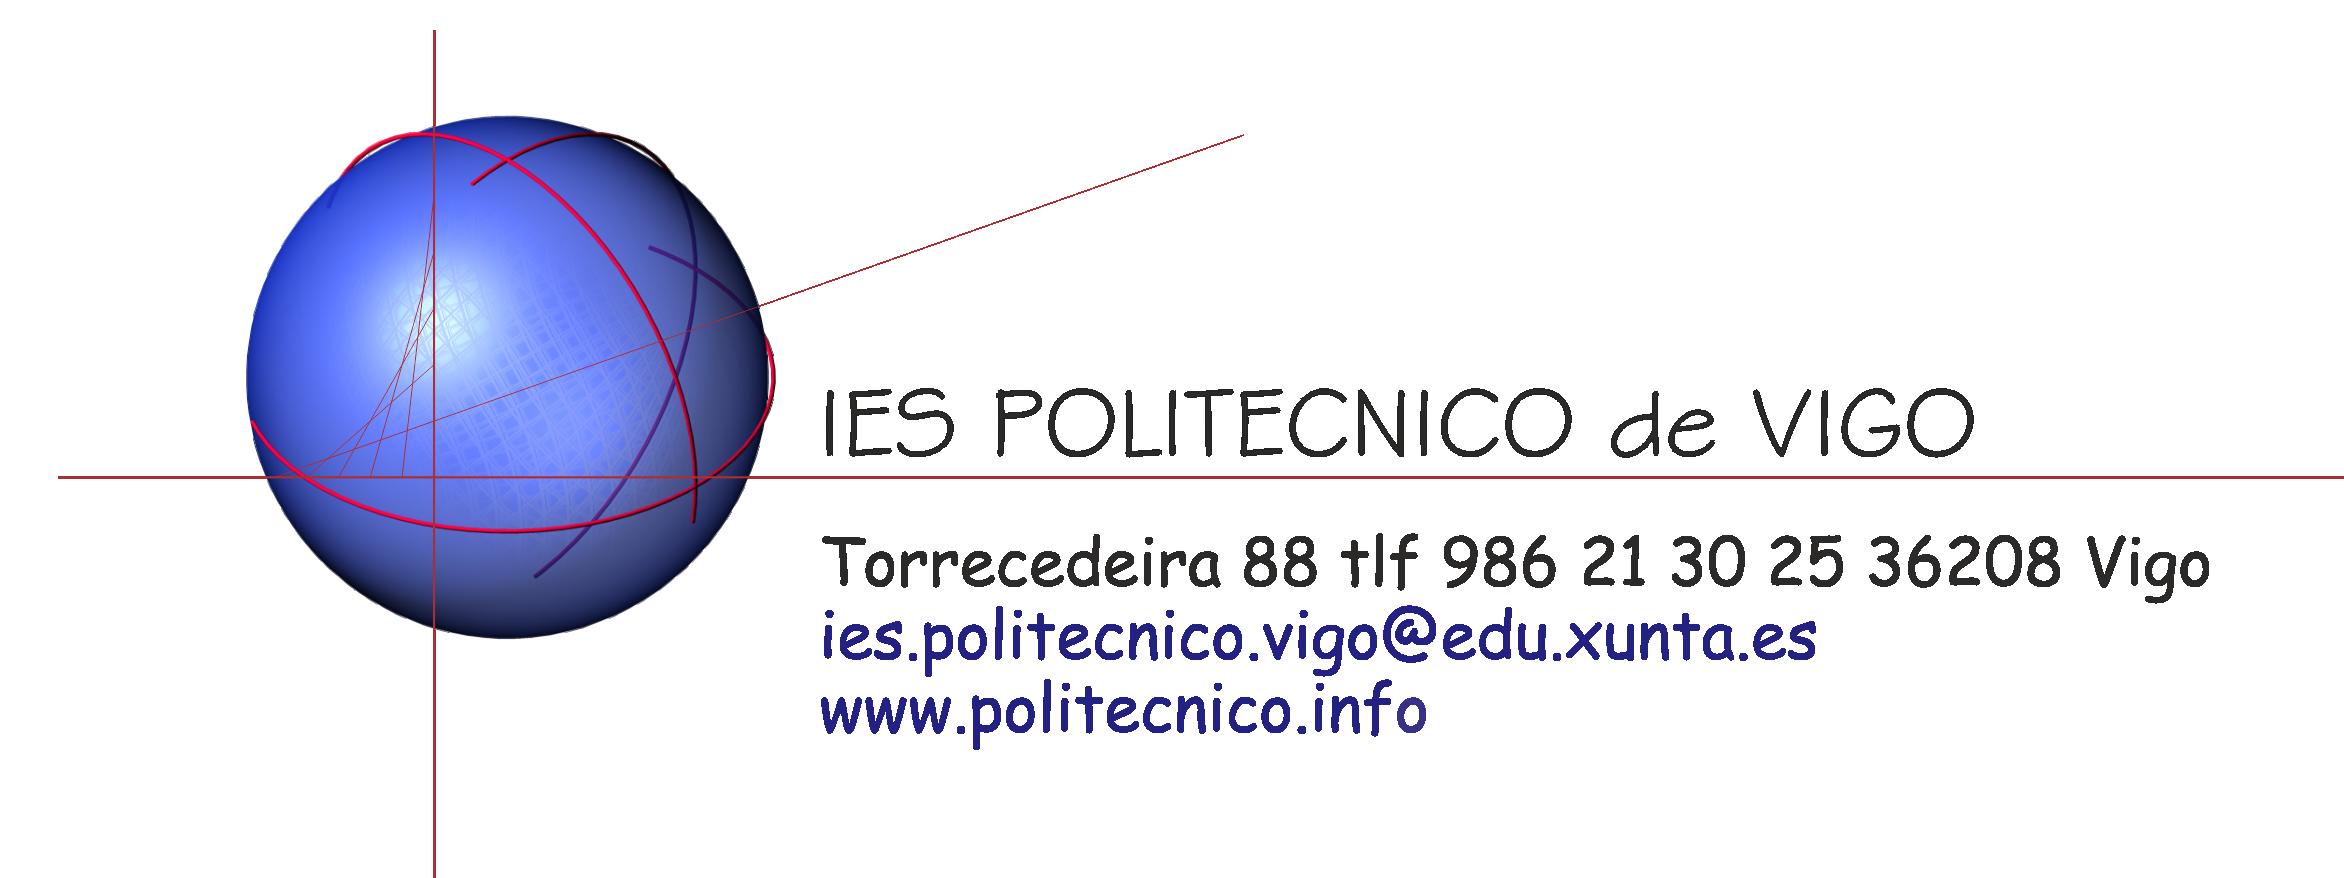 Web do IES Politécnico de Vigo